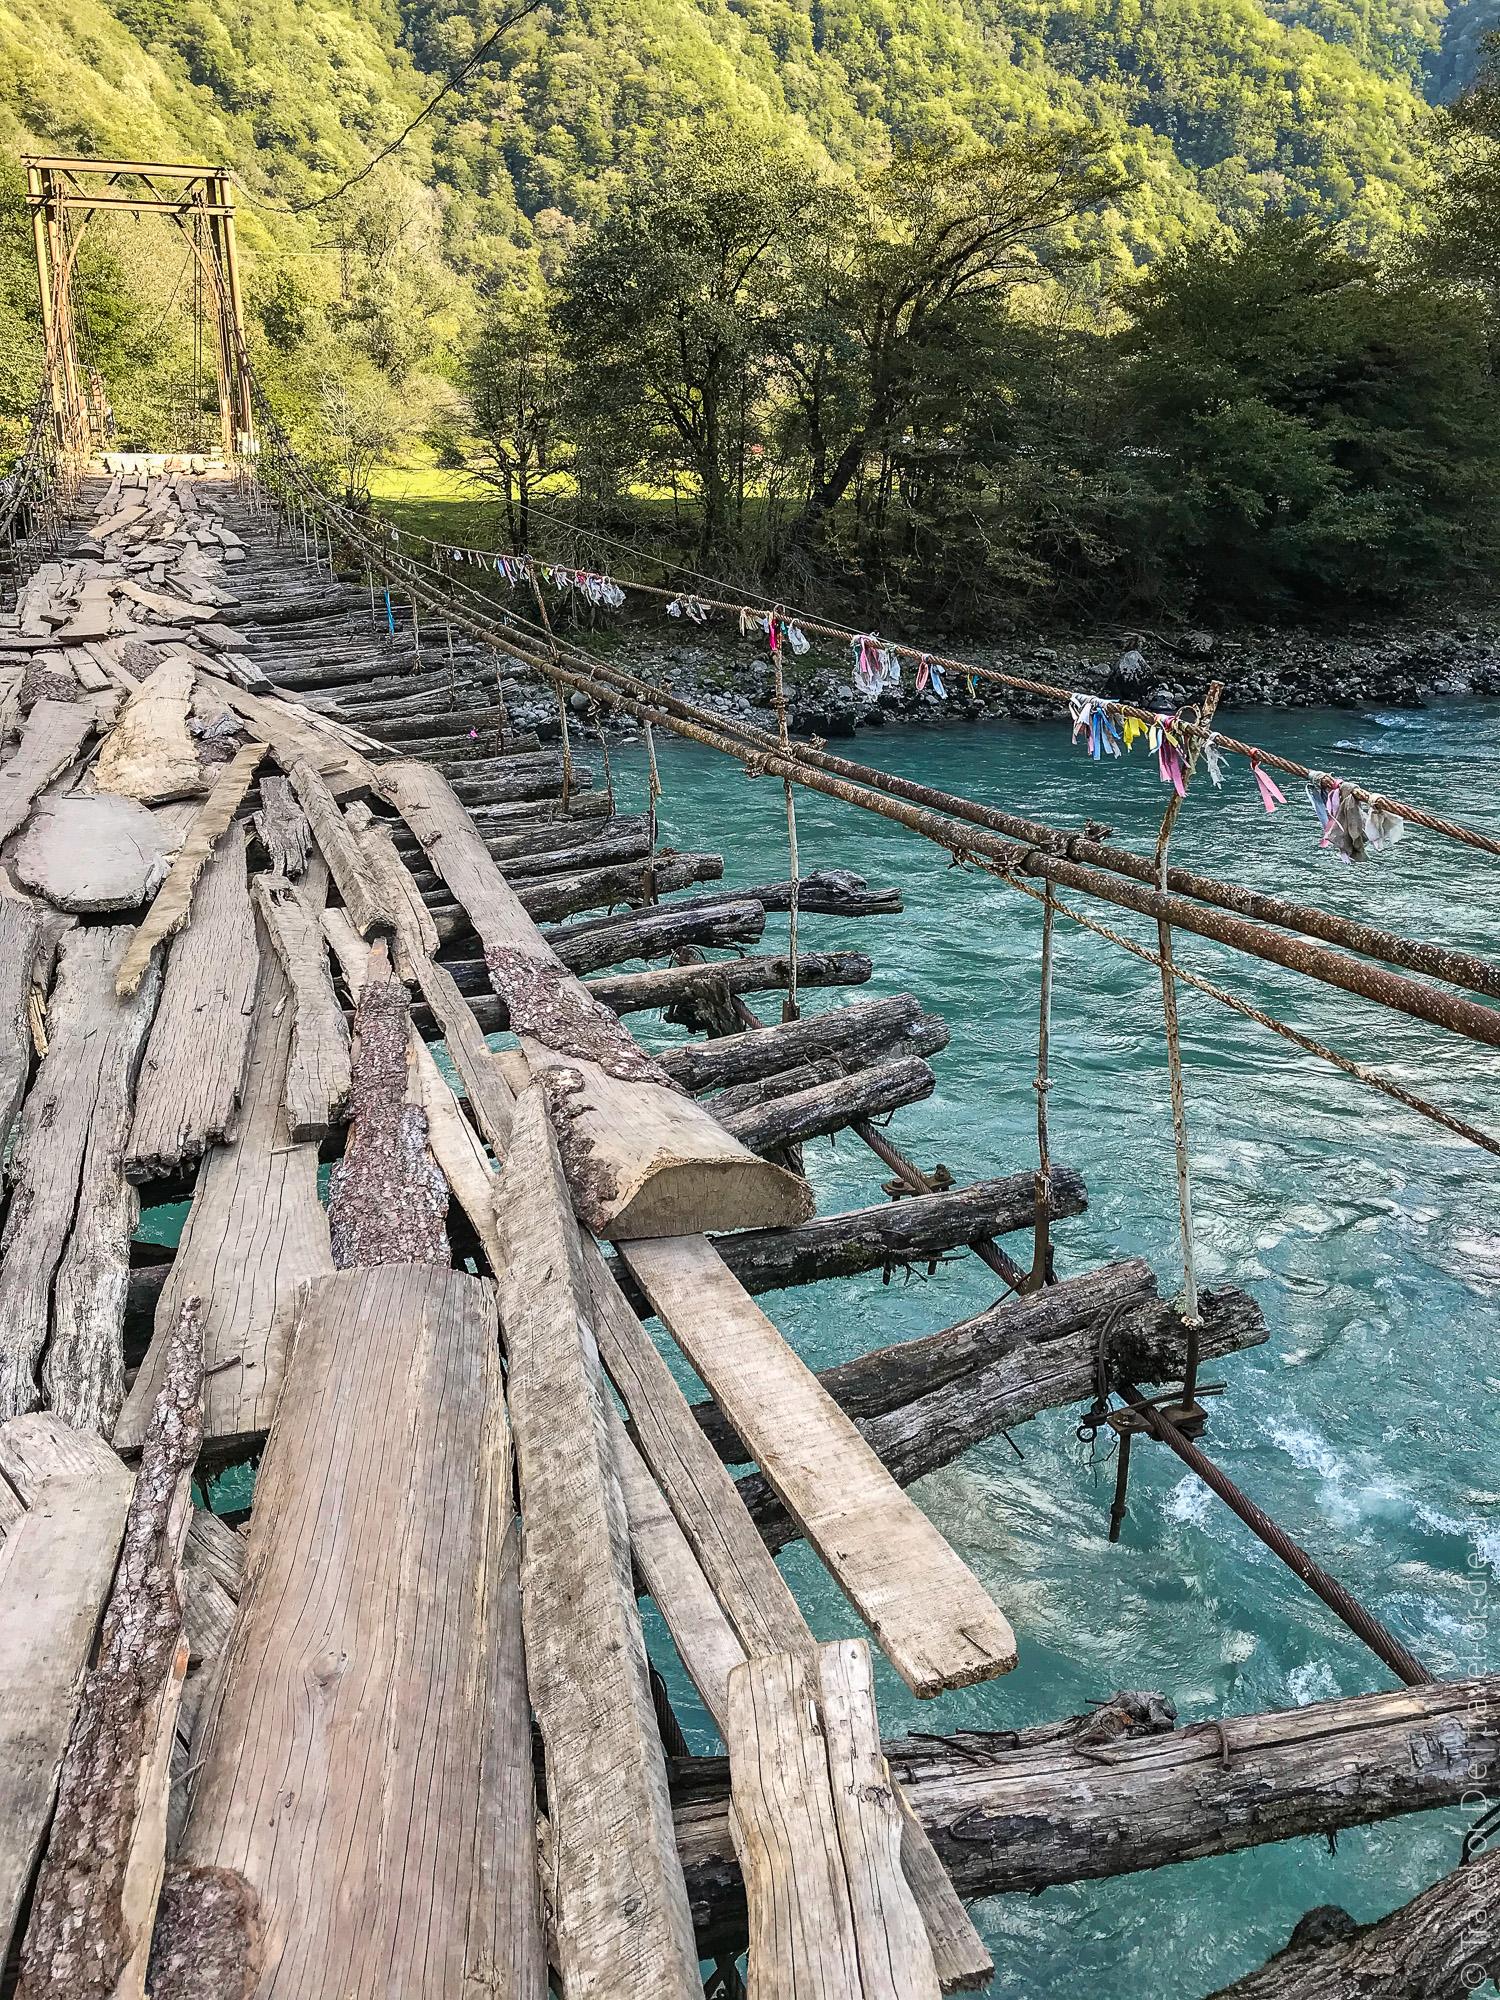 Lake-Ritsa-Abkhazia-Озеро-Рица-Абхазия-7567